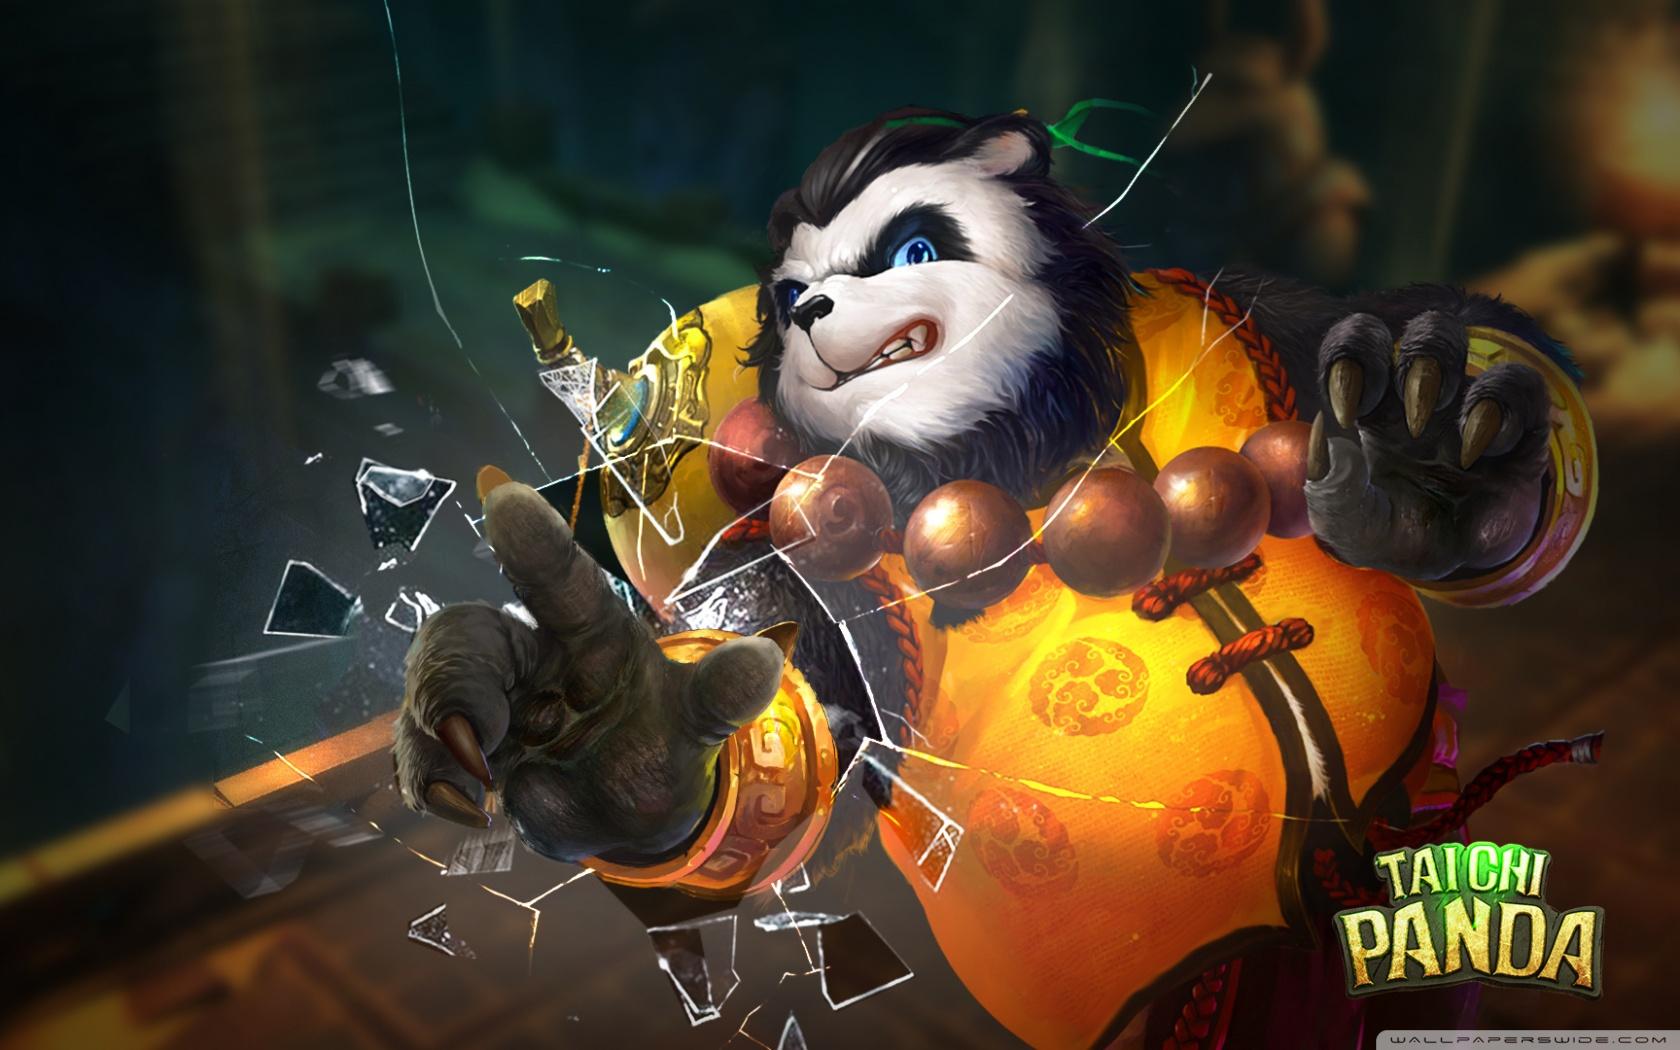 Free Taichi Panda phone wallpaper by MossyRedOak88